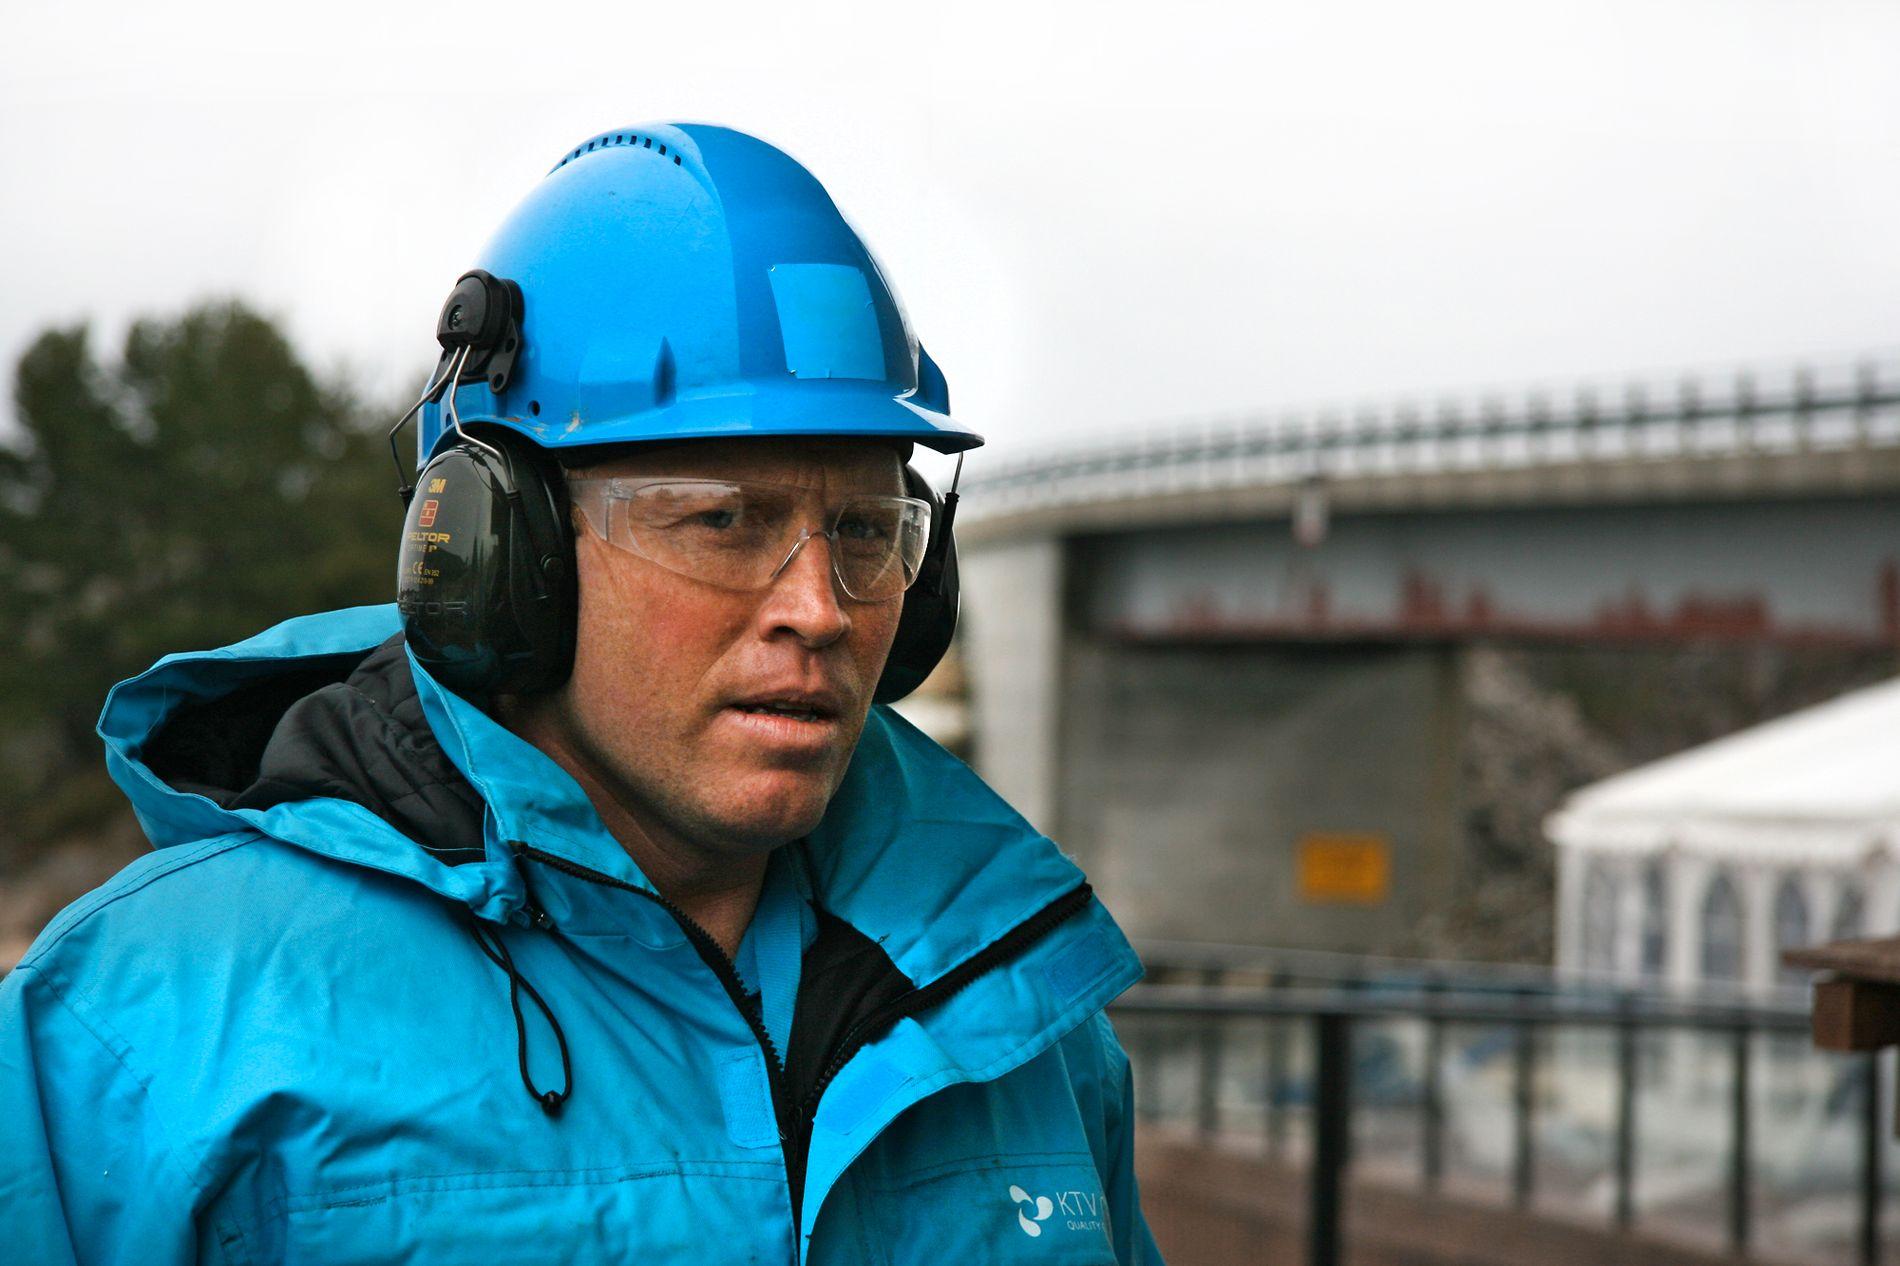 FJERNER: Kennet Nilsen og KTV Group fjerner tagging og grafitti.